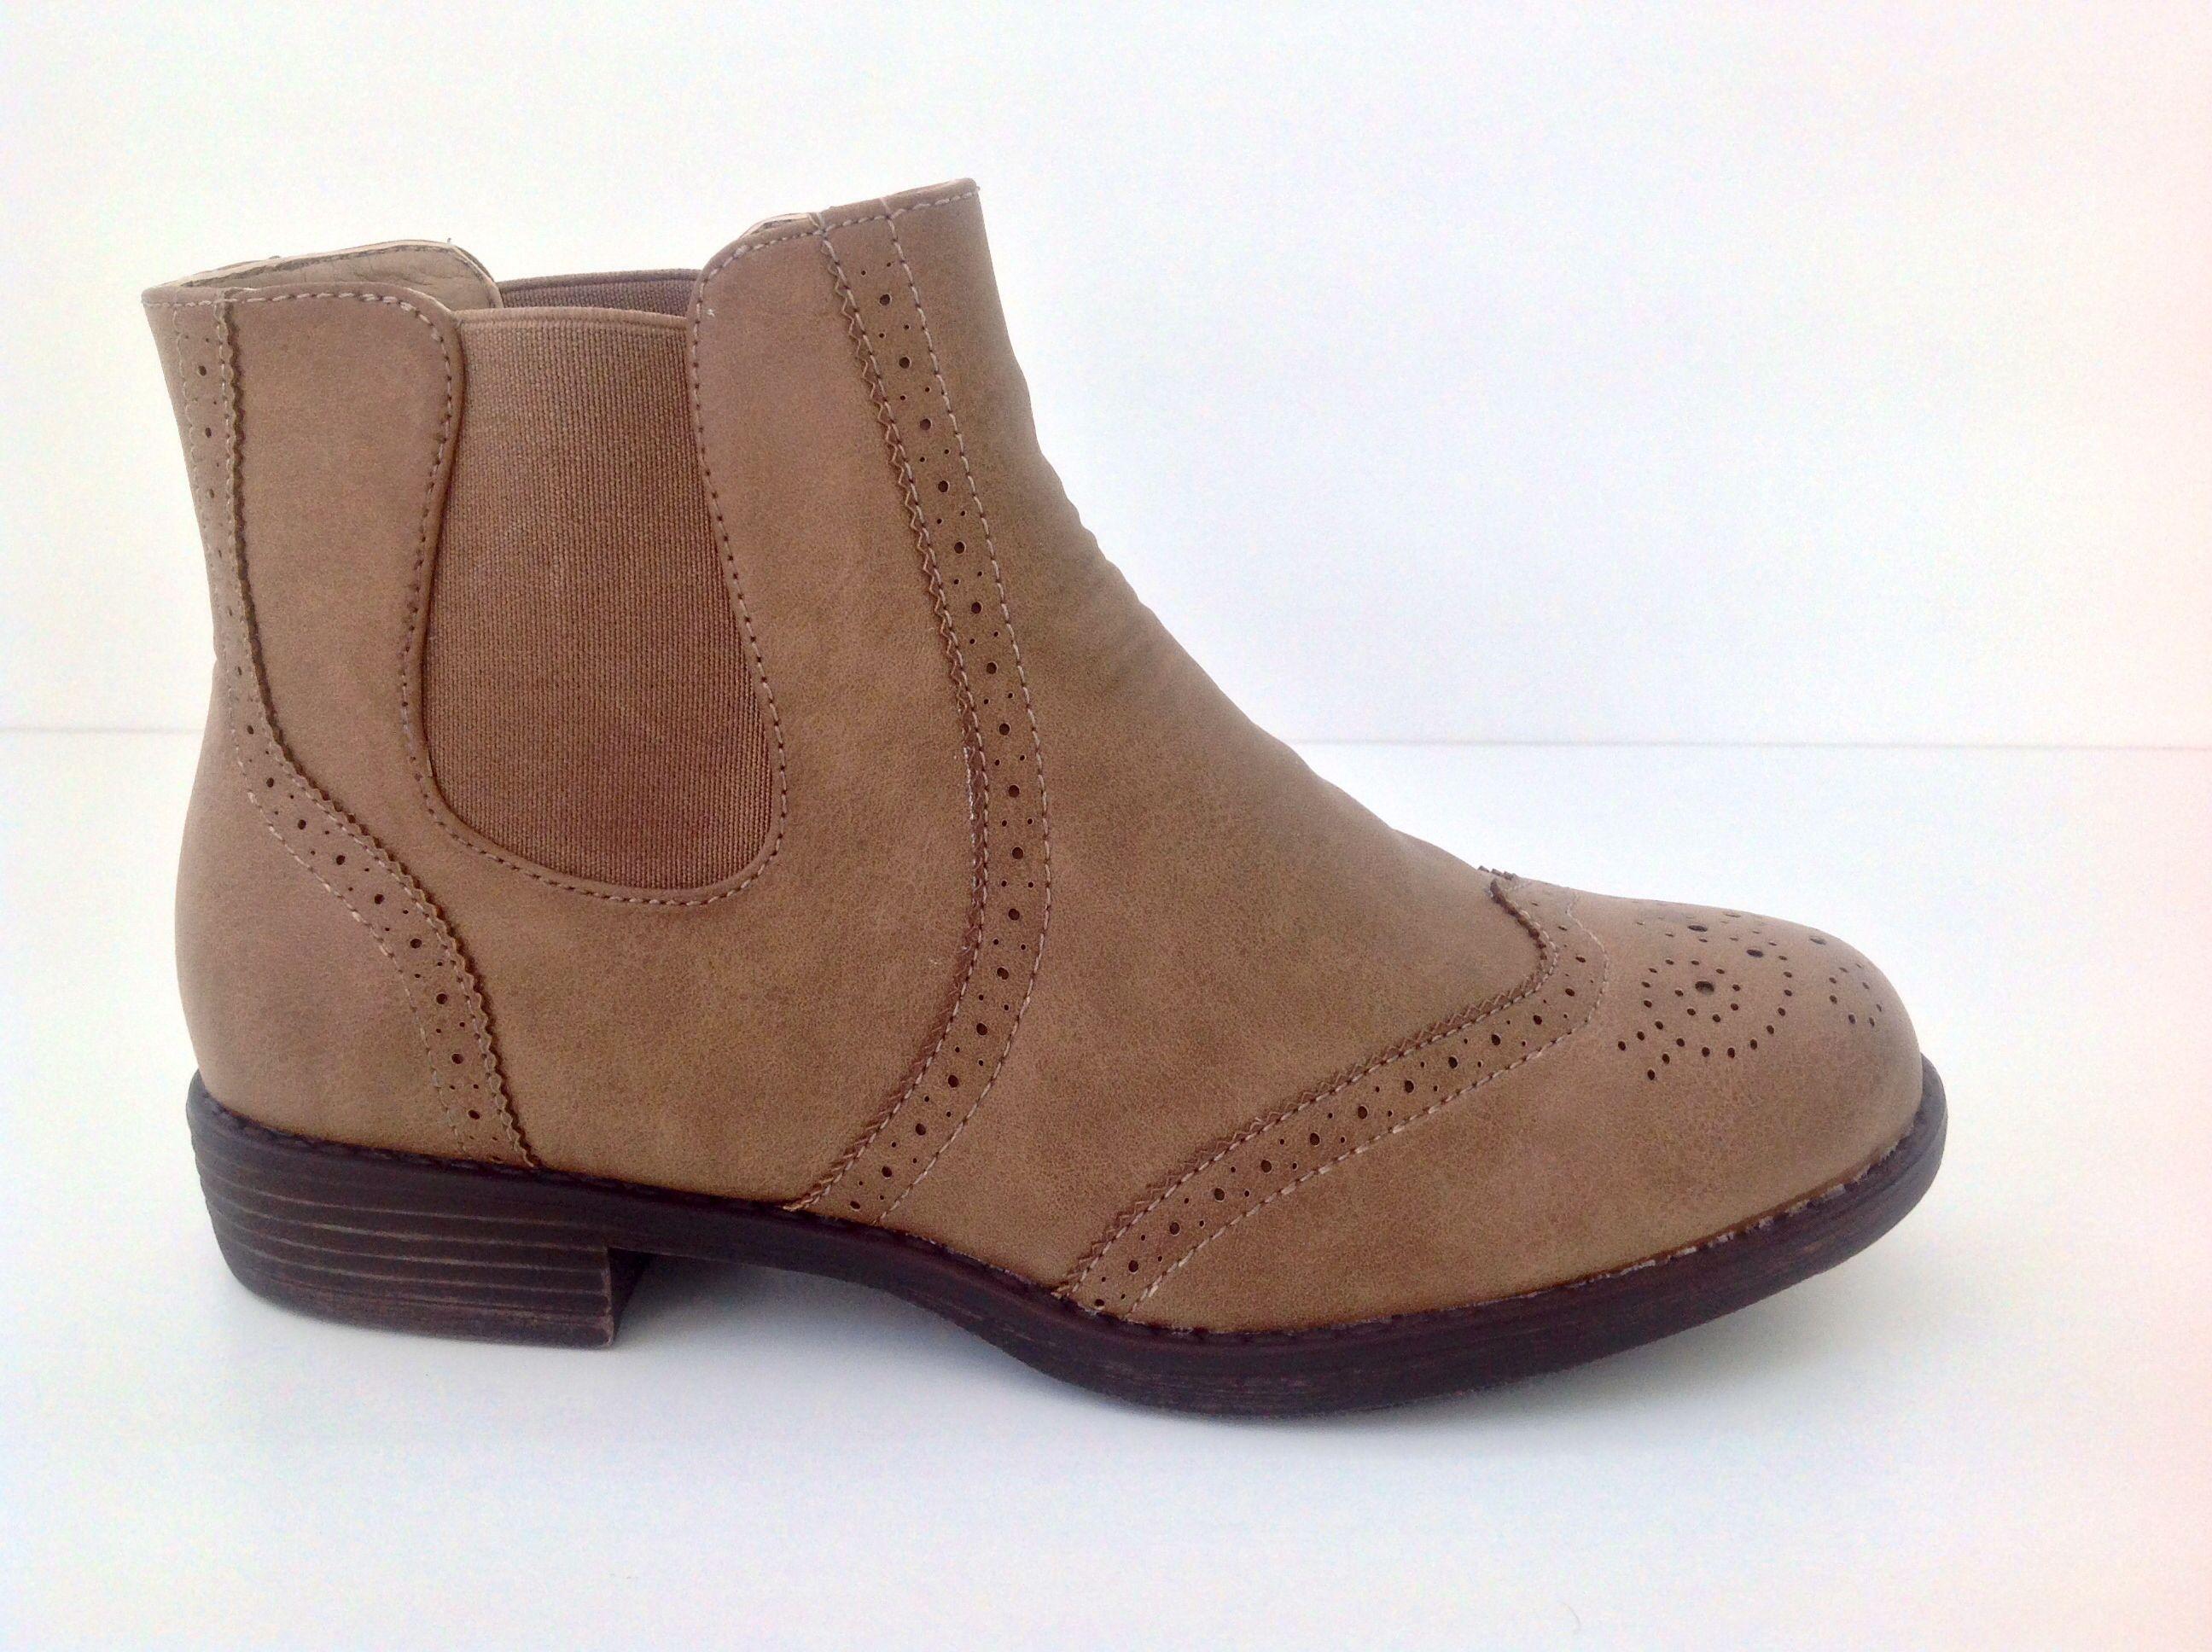 Botín plano marrón claro con gomas en los laterales Precio 26.95€ #otoño #chichas #girls #zapatos #moda #botas #cool #chic #marrón